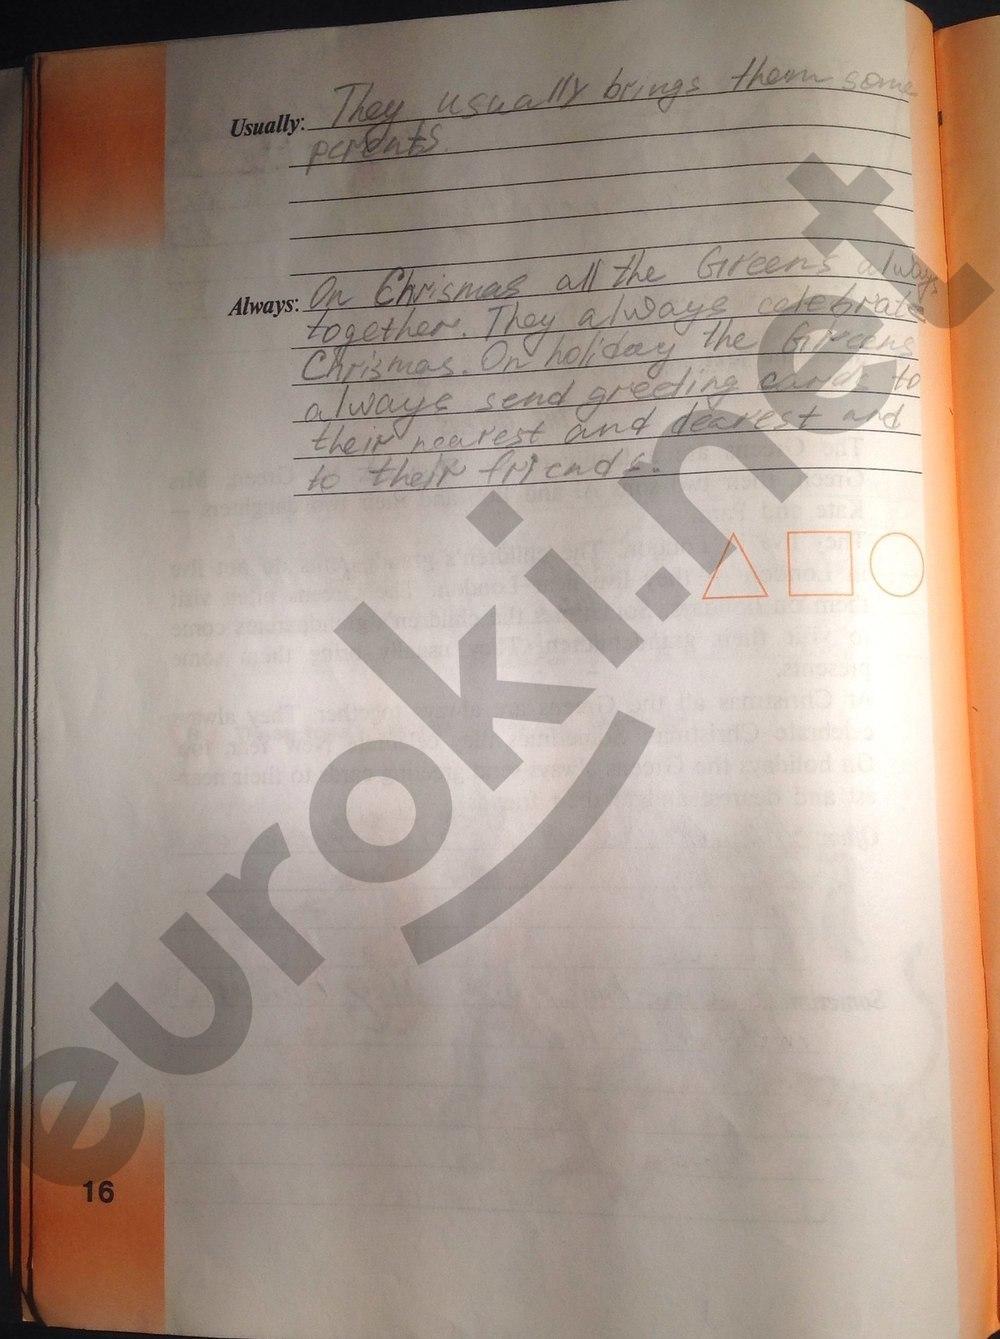 ГДЗ по английскому языку 3 класс рабочая тетрадь Верещагина И.Н. Притыкина Т.А.. Задание: стр. 16